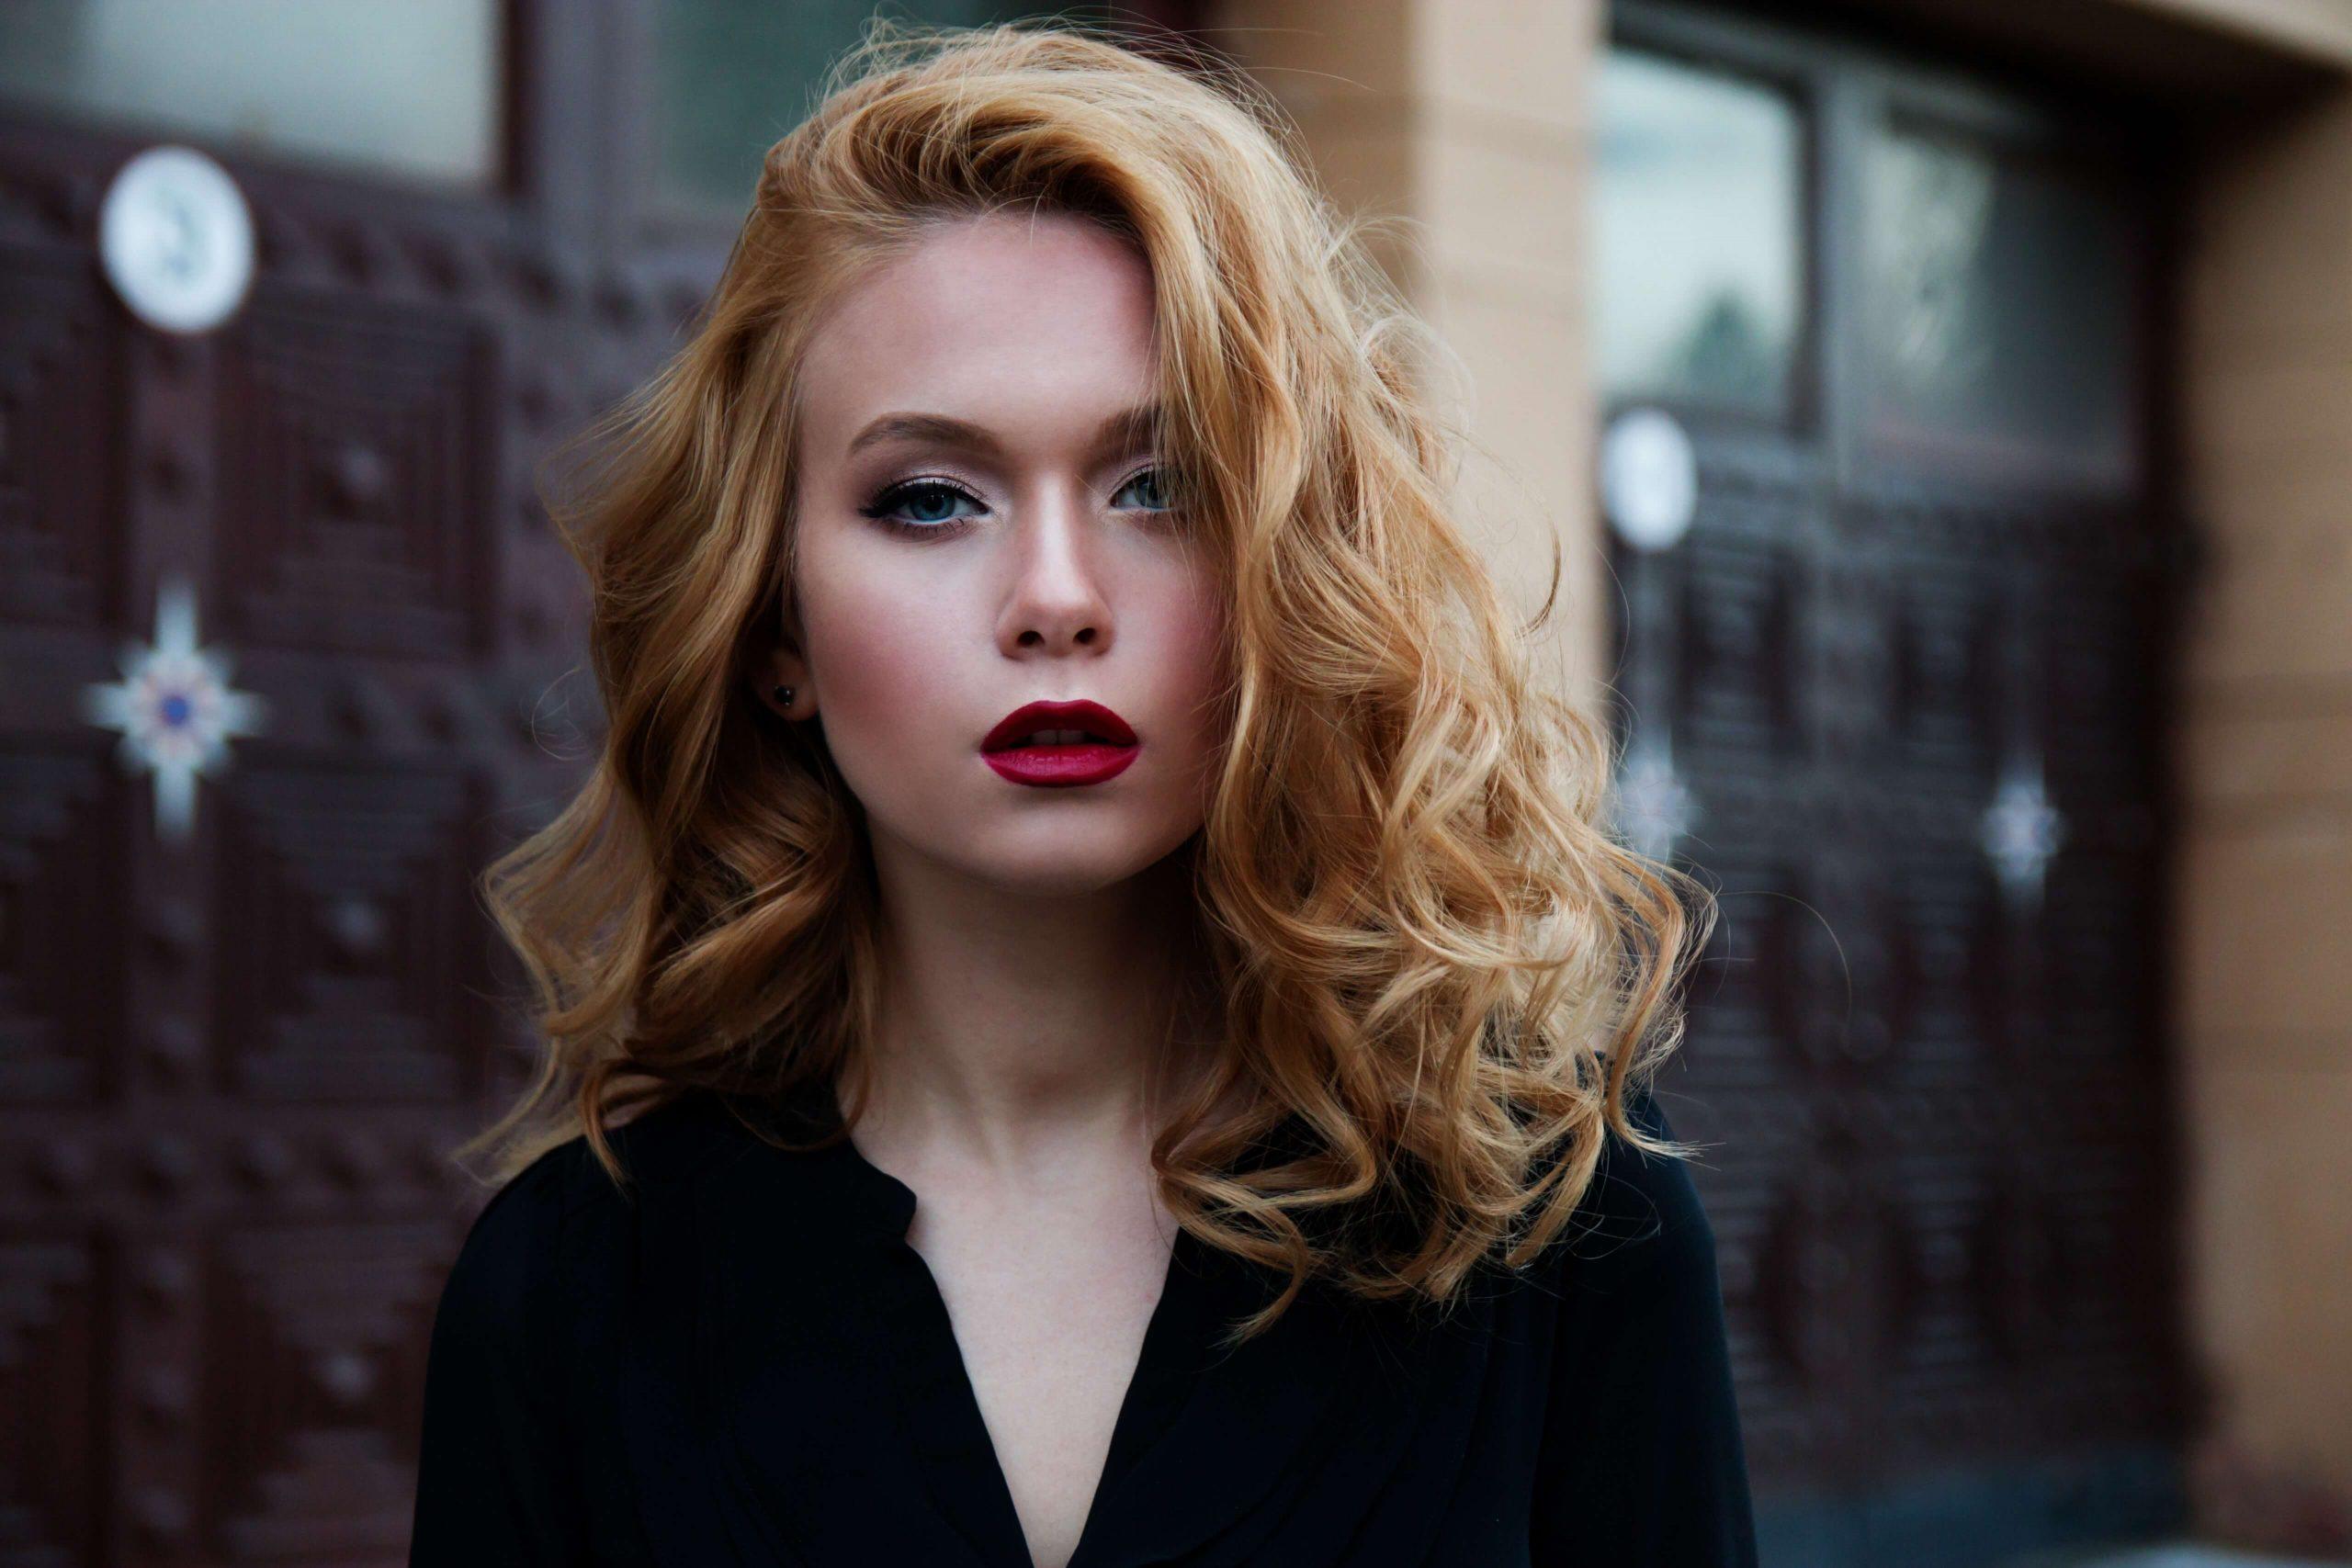 blonde-modern-hair-style